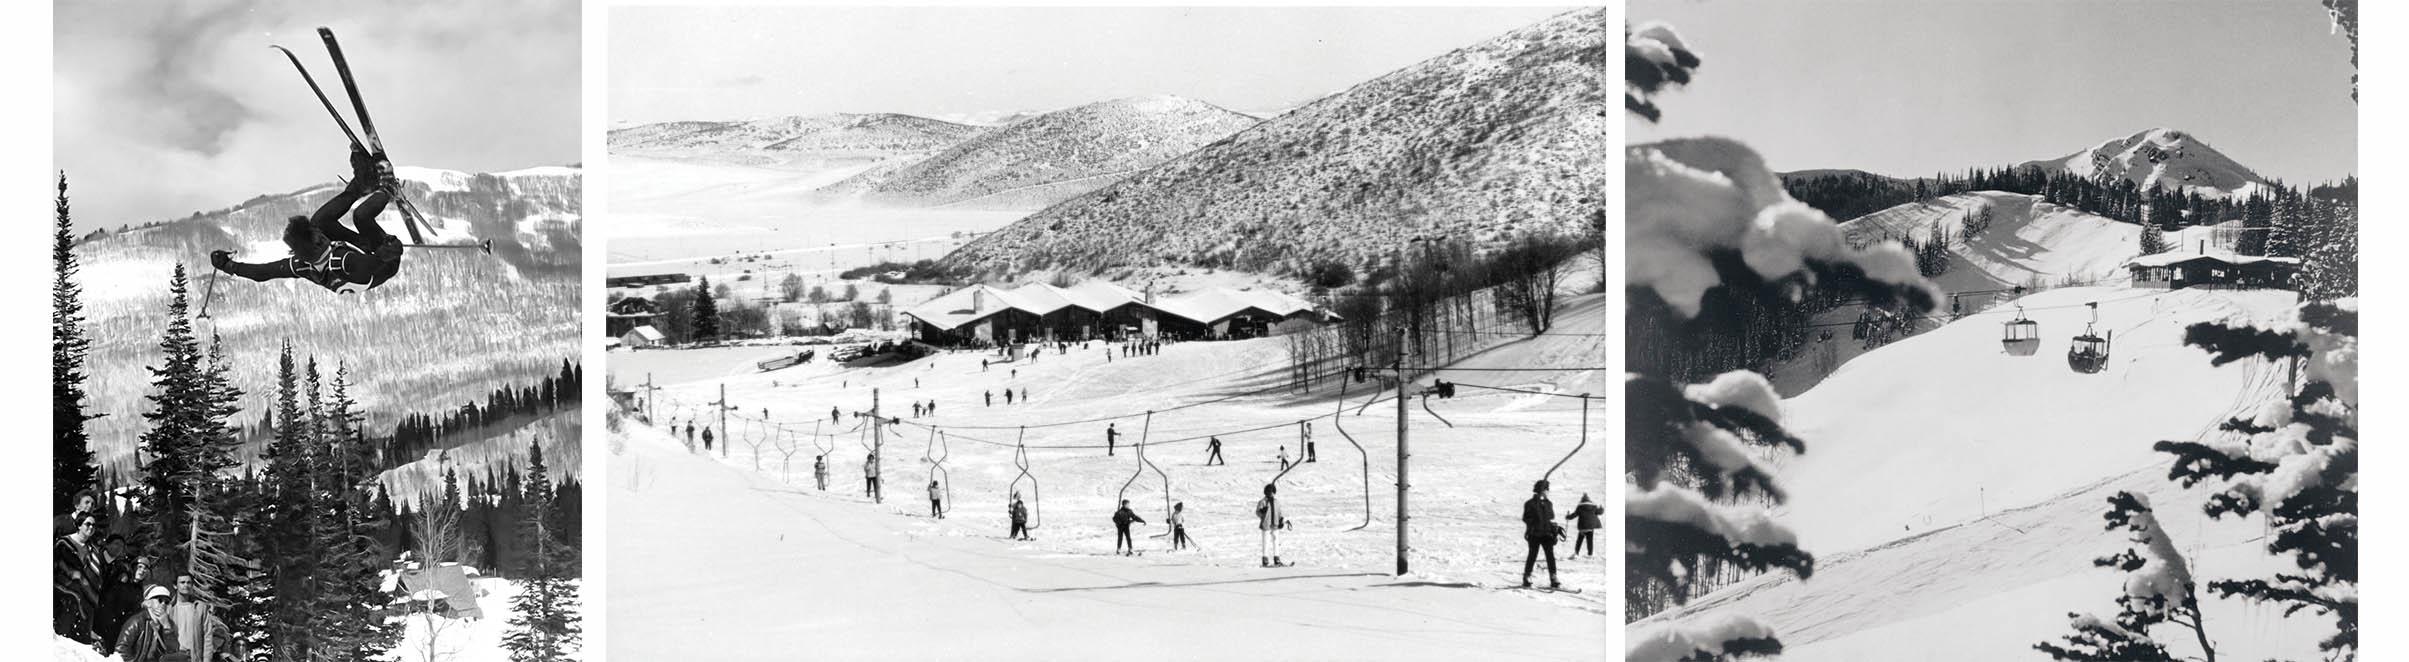 fotos históricas de park city como ski resort